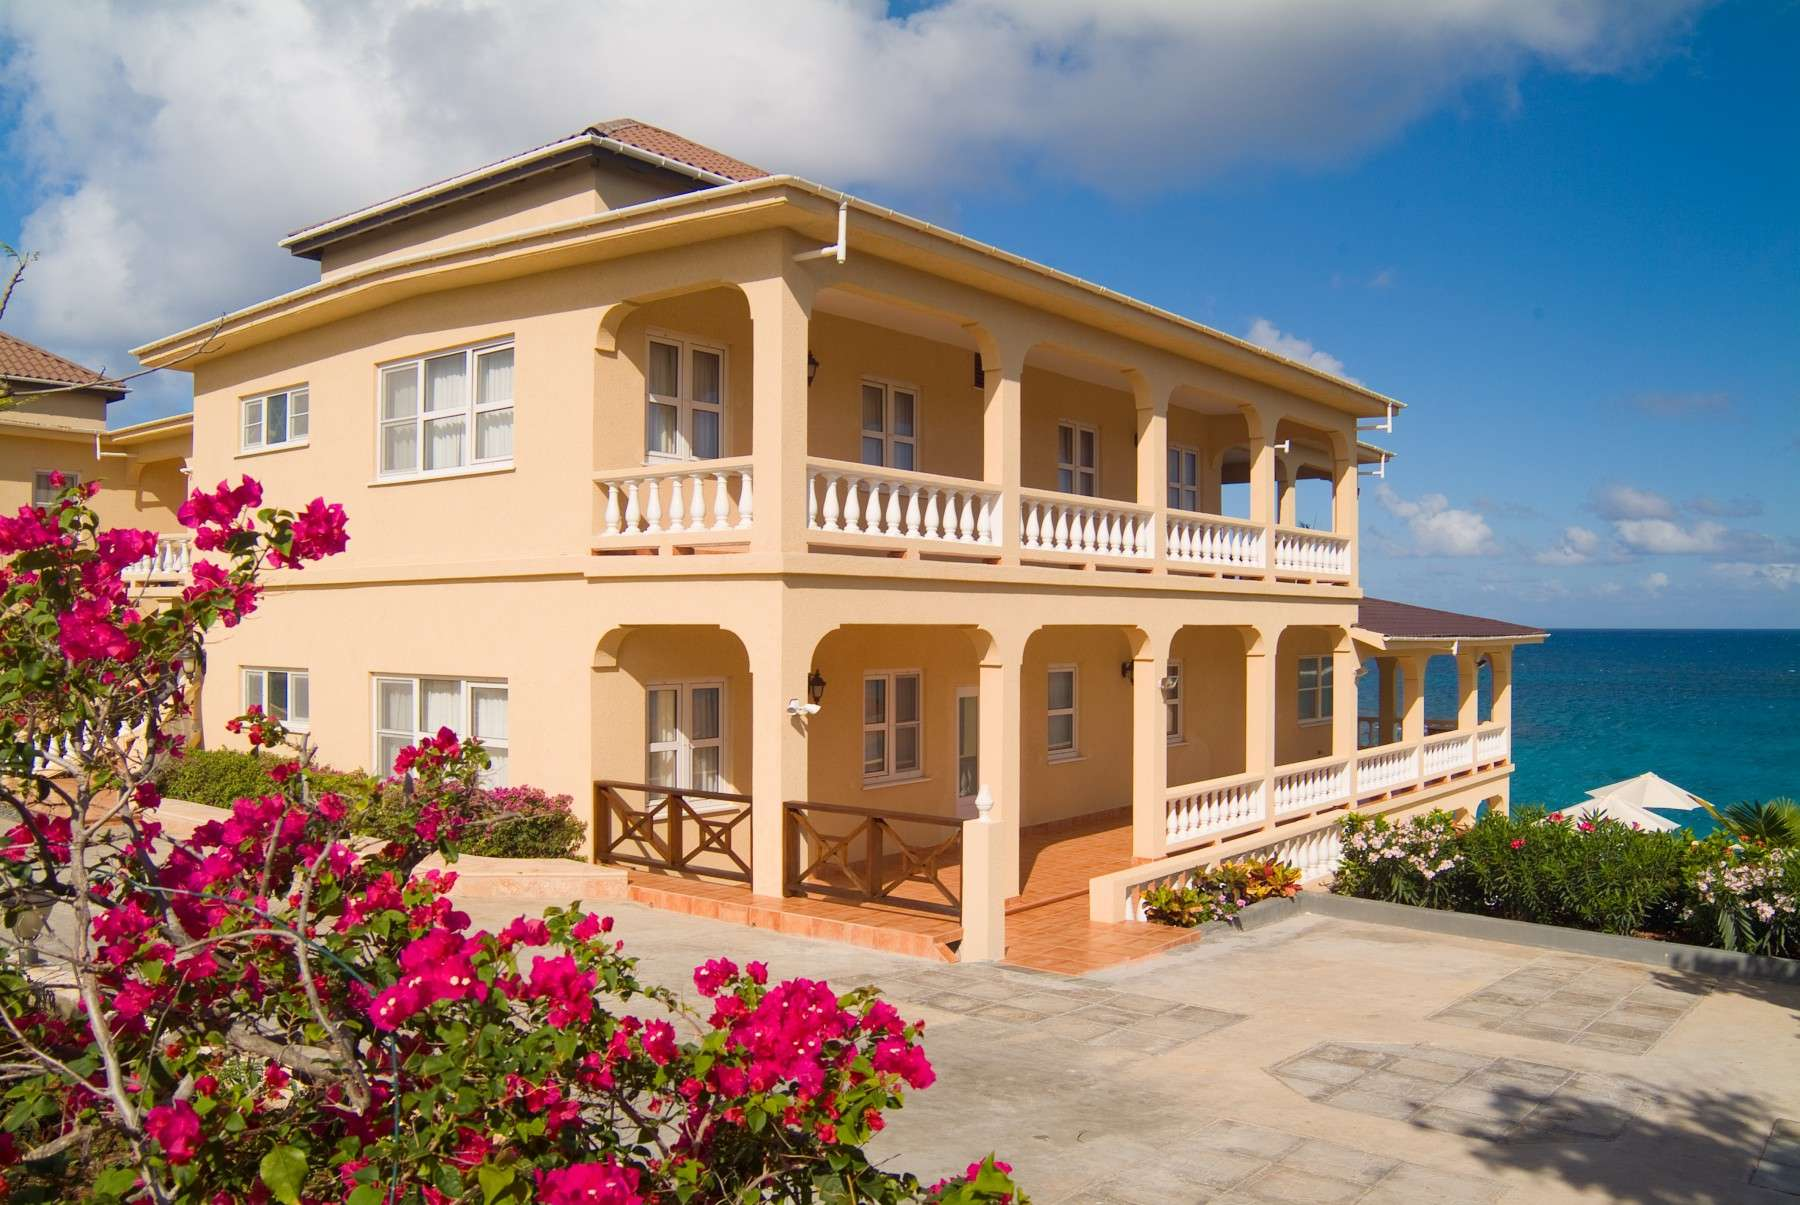 Luxury villa rentals caribbean - Anguilla - Island harbour - No location 4 - Ultimacy Villa - Image 1/6